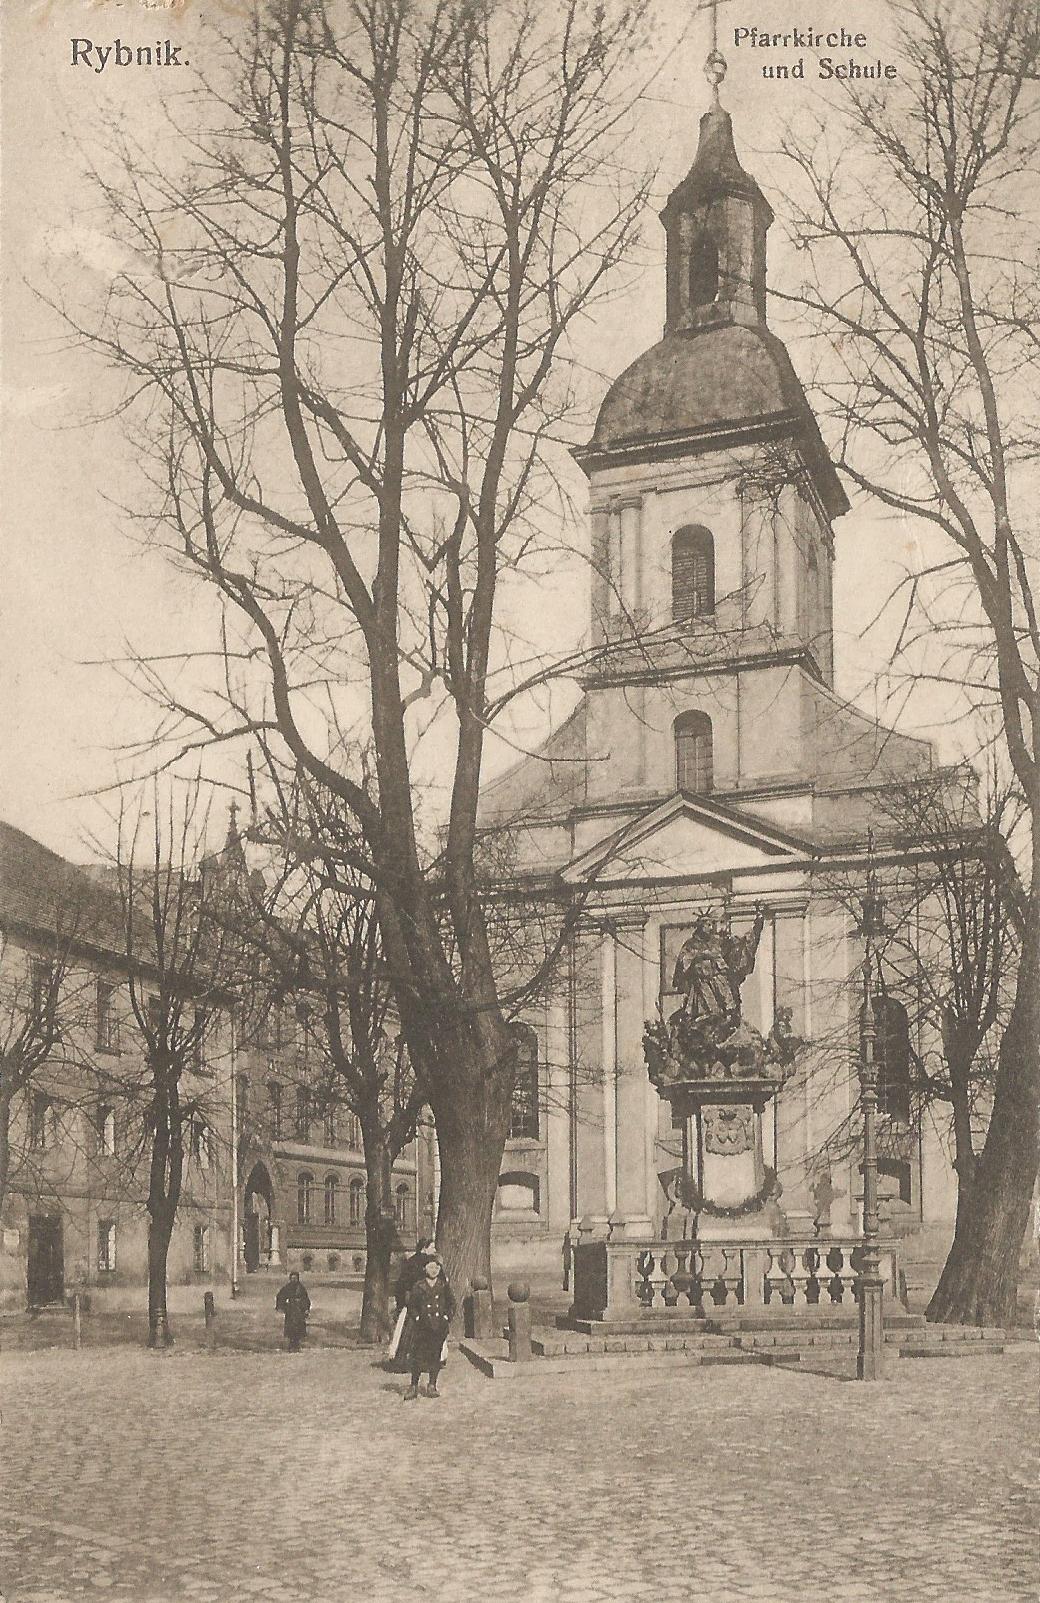 Rybnik - Pfarrkirche und Schule